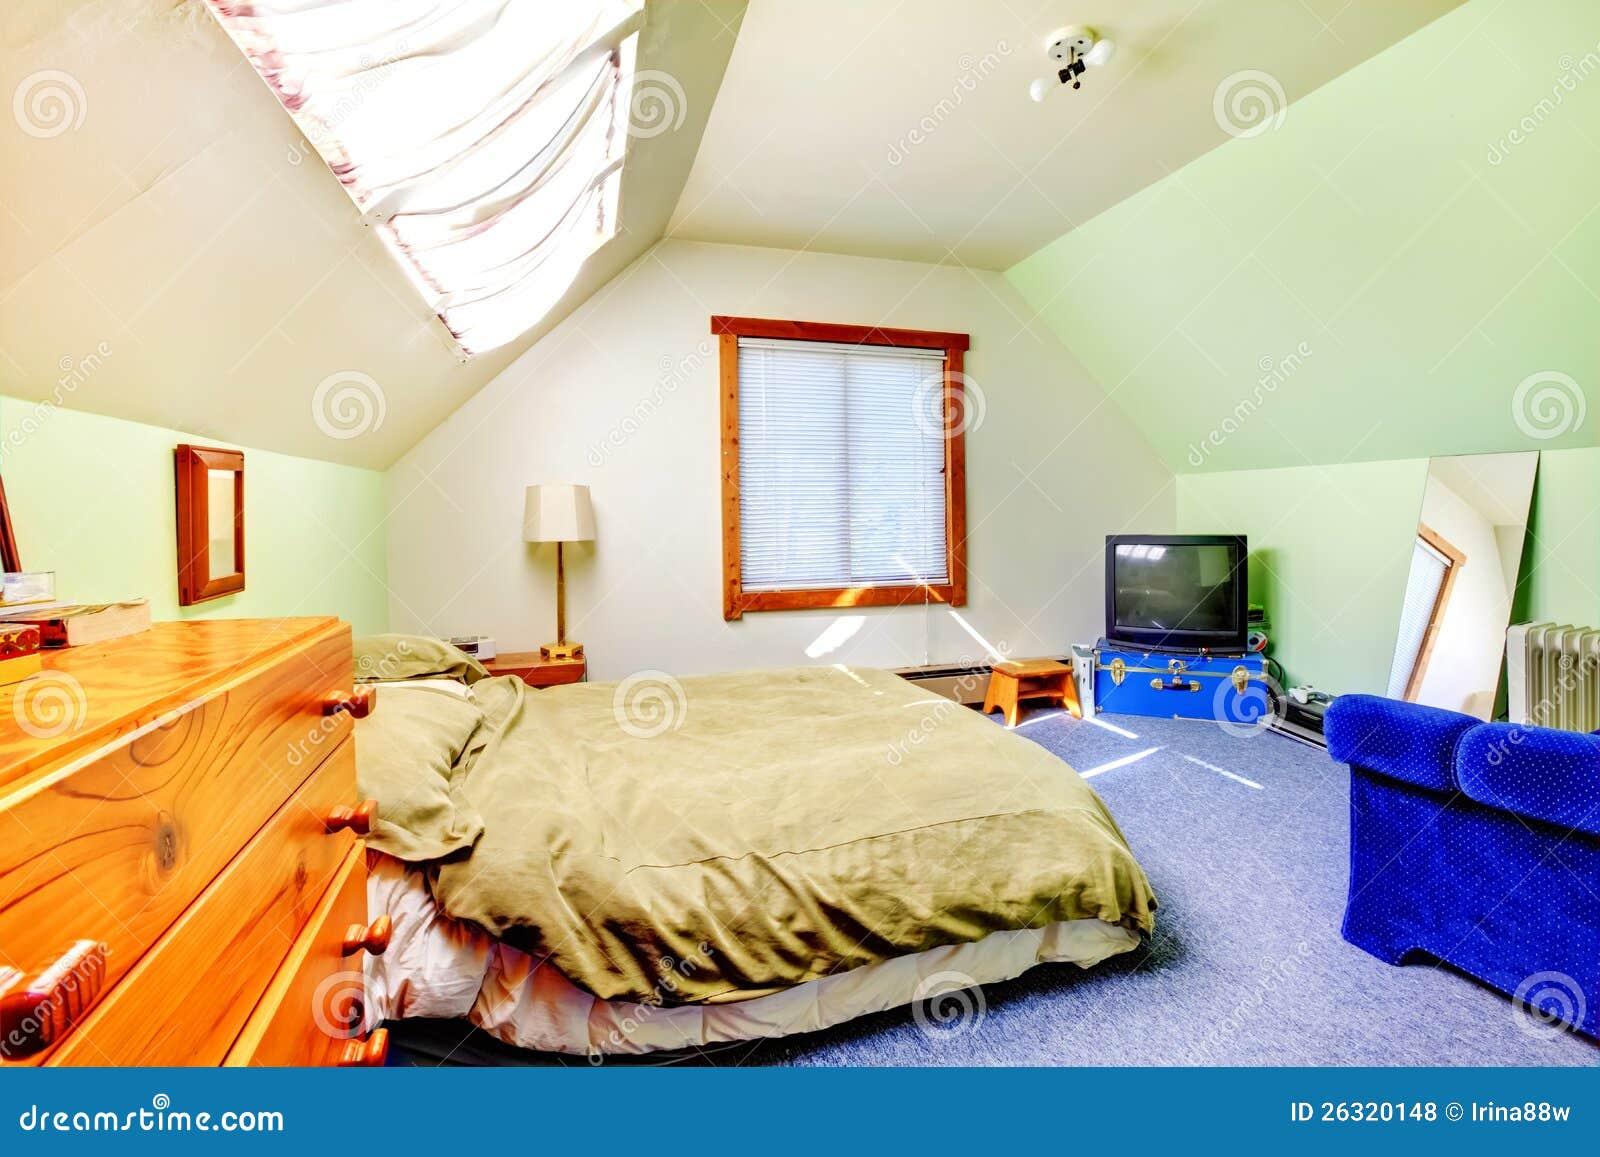 Grande camera da letto semplice luminosa della soffitta fotografie stock libere da diritti - Camera da letto grande ...